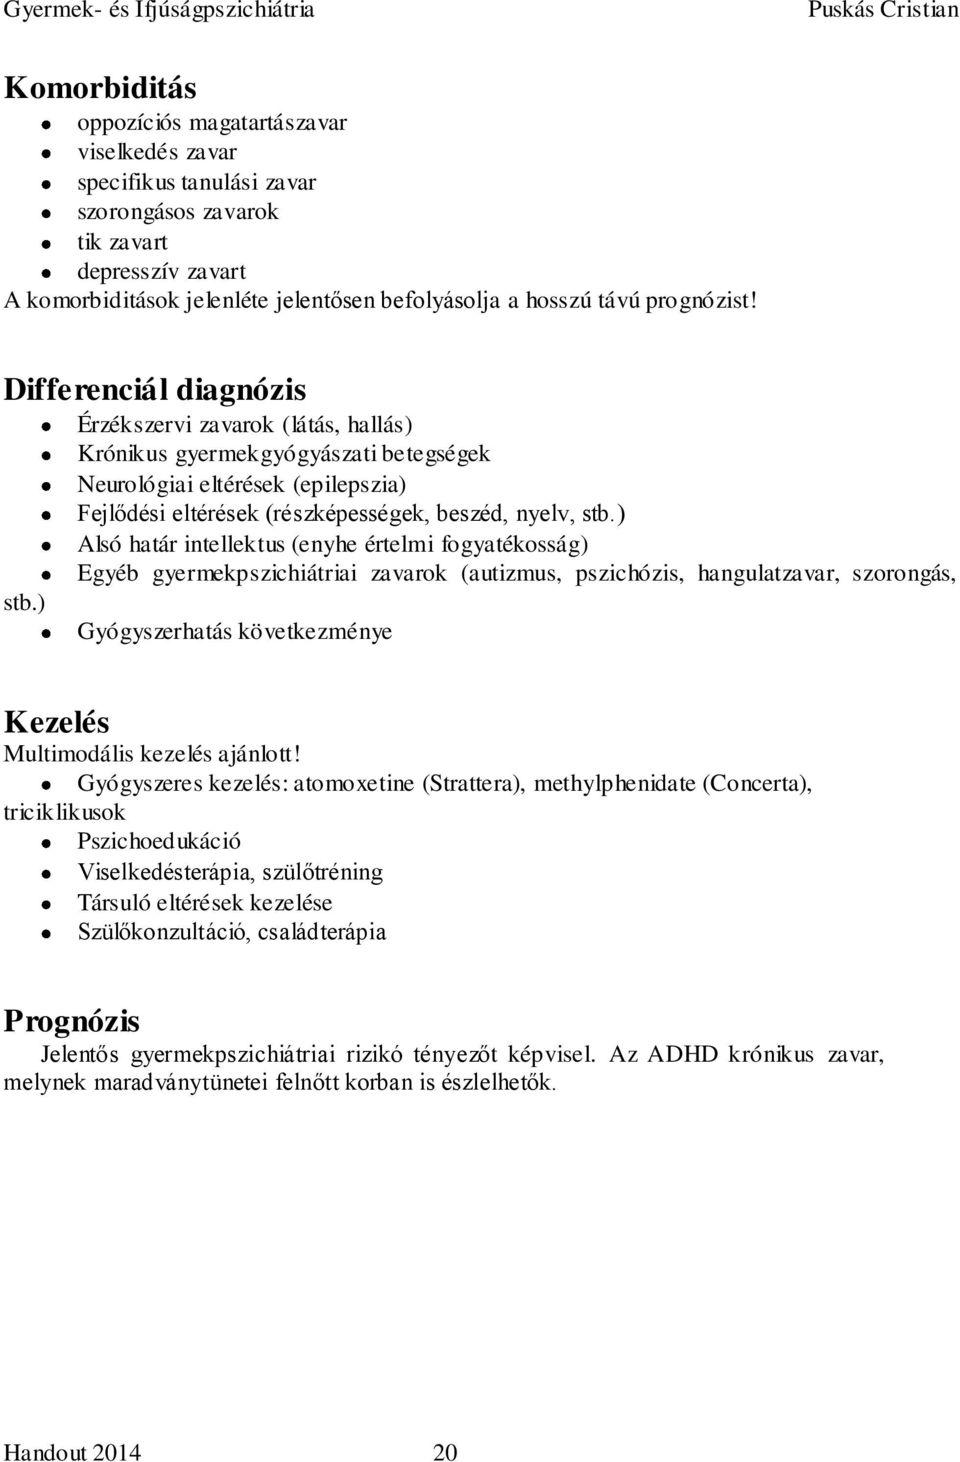 Emberi papillomavírus a nyelv tüneteire - - Melanóma